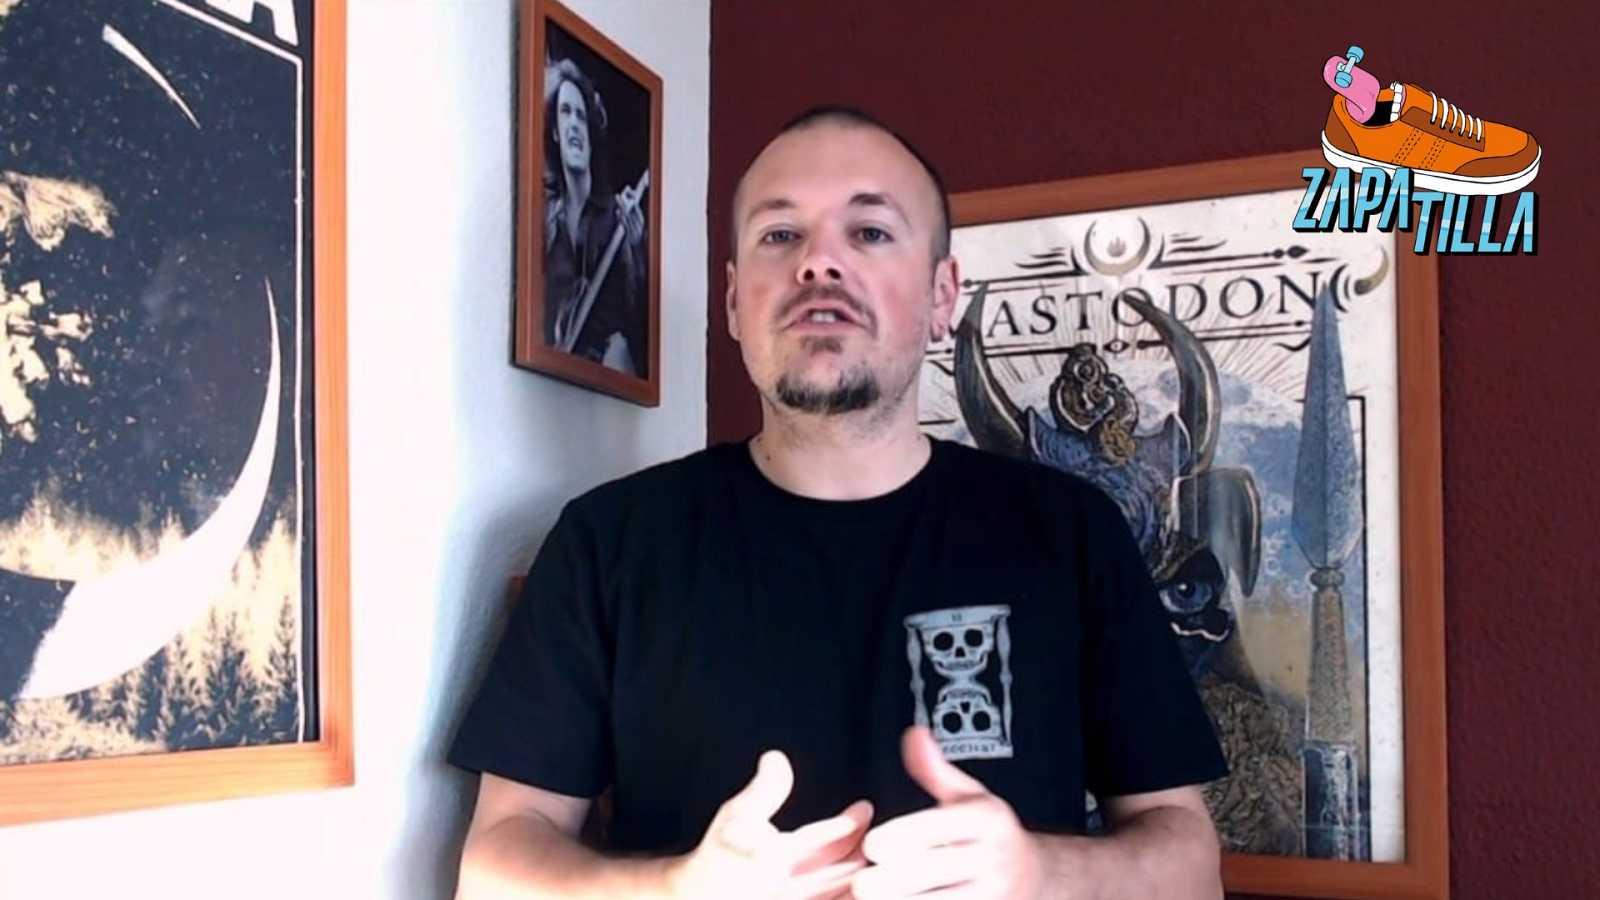 Zapatilla - Ipanema Leaks, el látigo hardcoreta - 01/04/21 - ver ahora